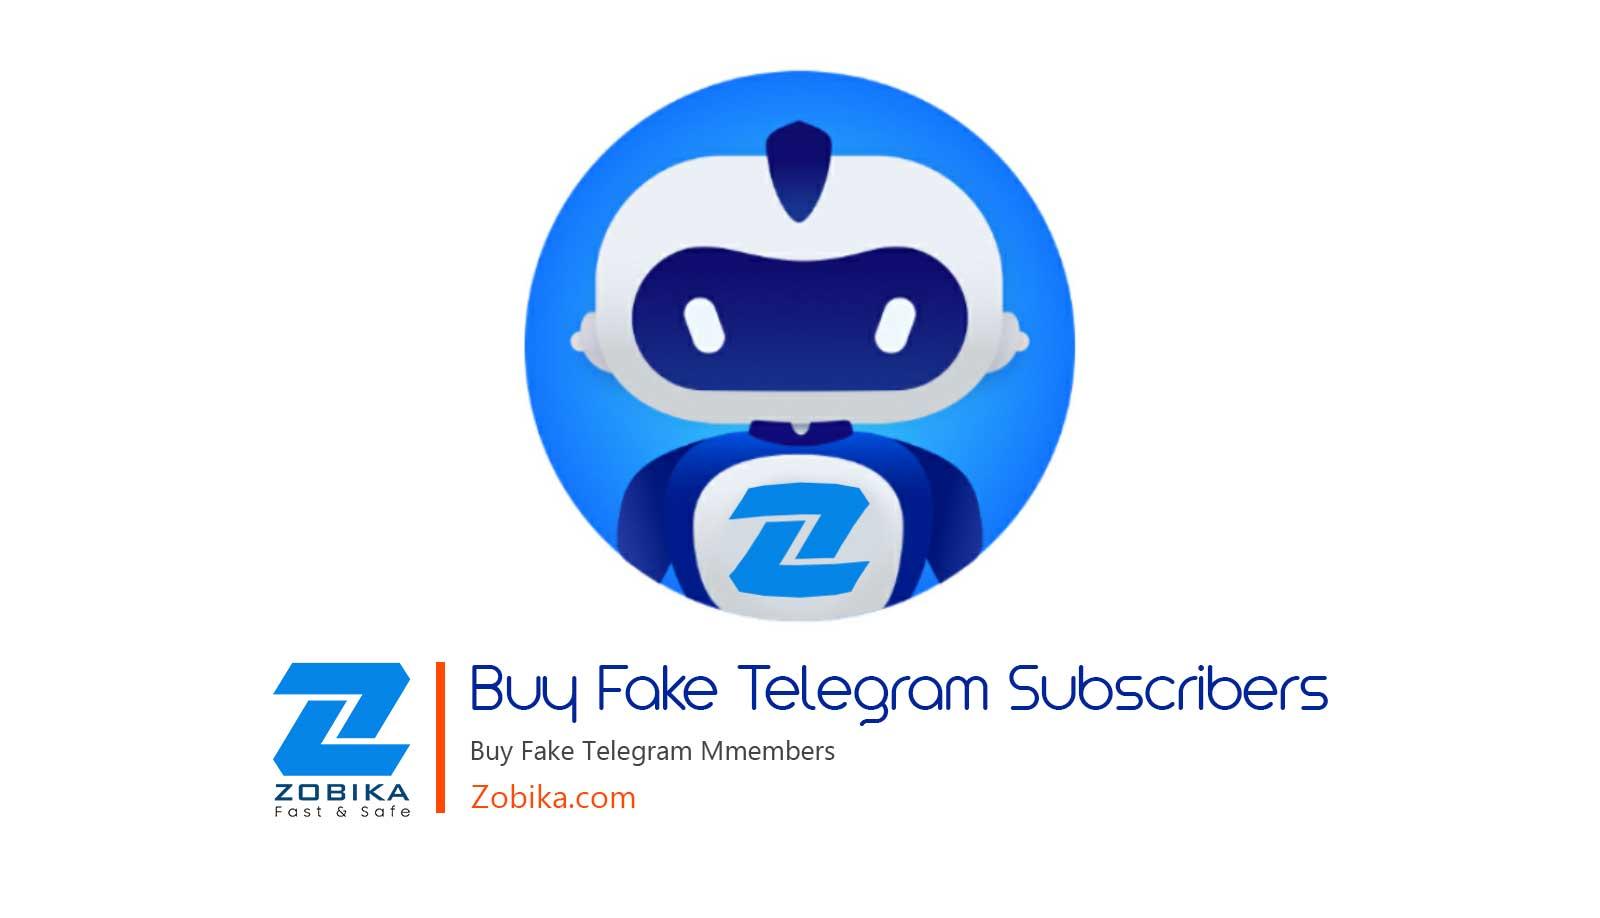 Buy Fake Telegram Subscribers | Buy Fake Telegram Members